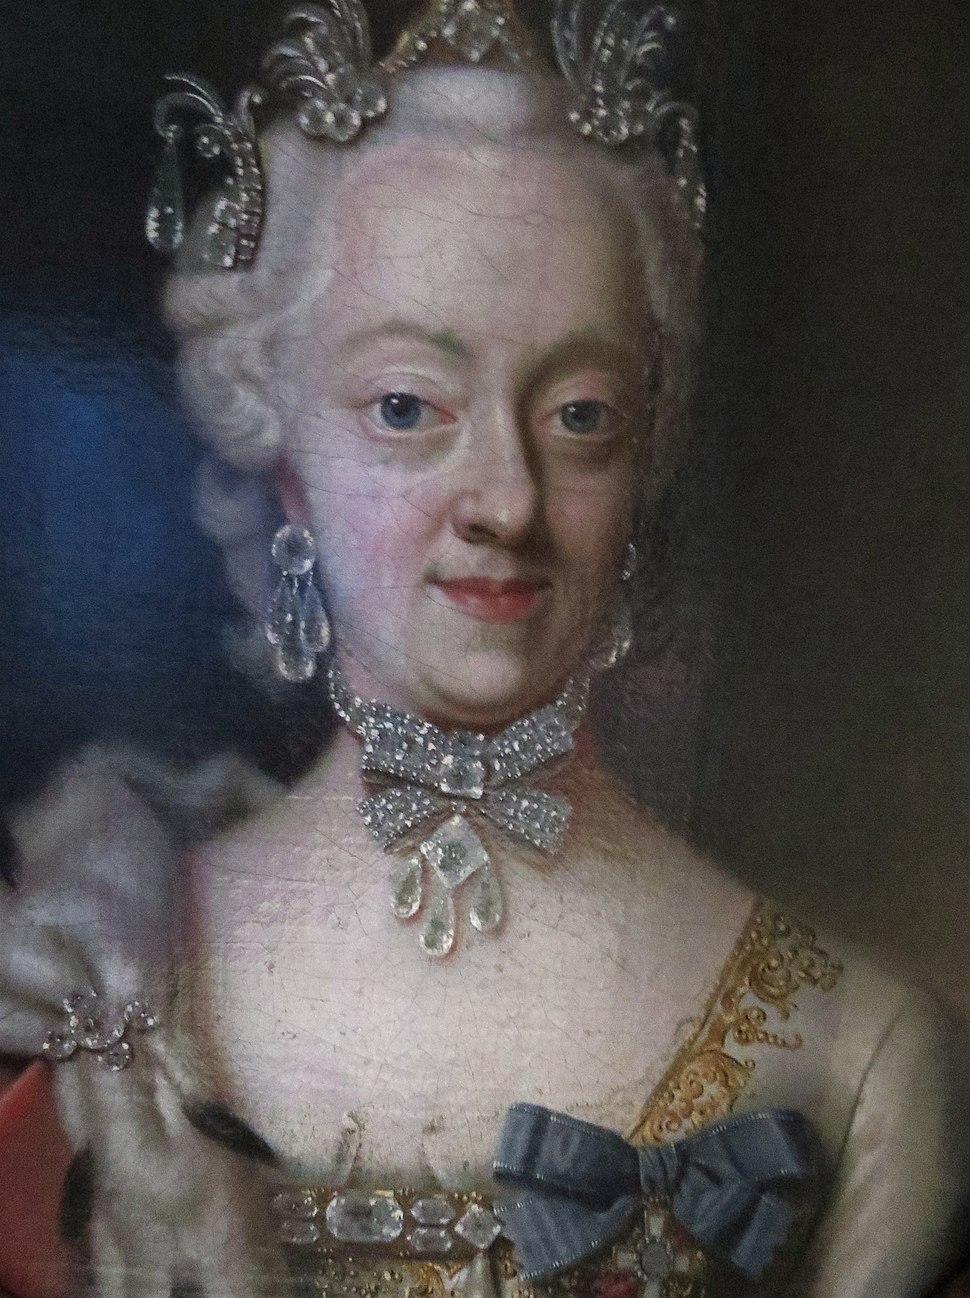 Prinsesse Charlotte Amalie af Danmark og Norge